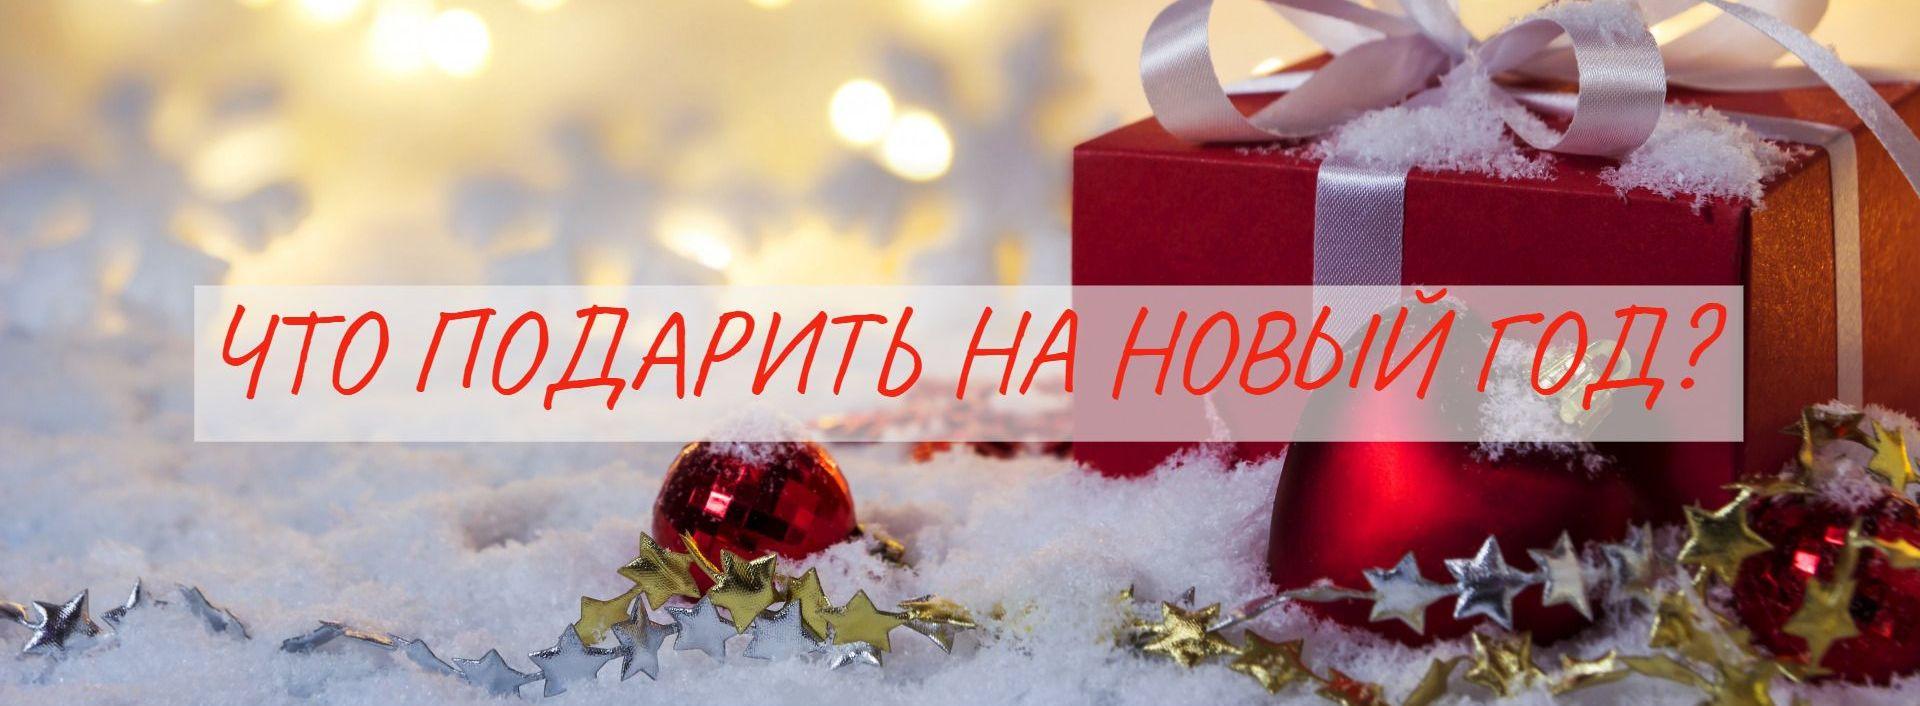 НОВОГОДНИЕ ПОДАРКИ. Что подарить на Новый год?